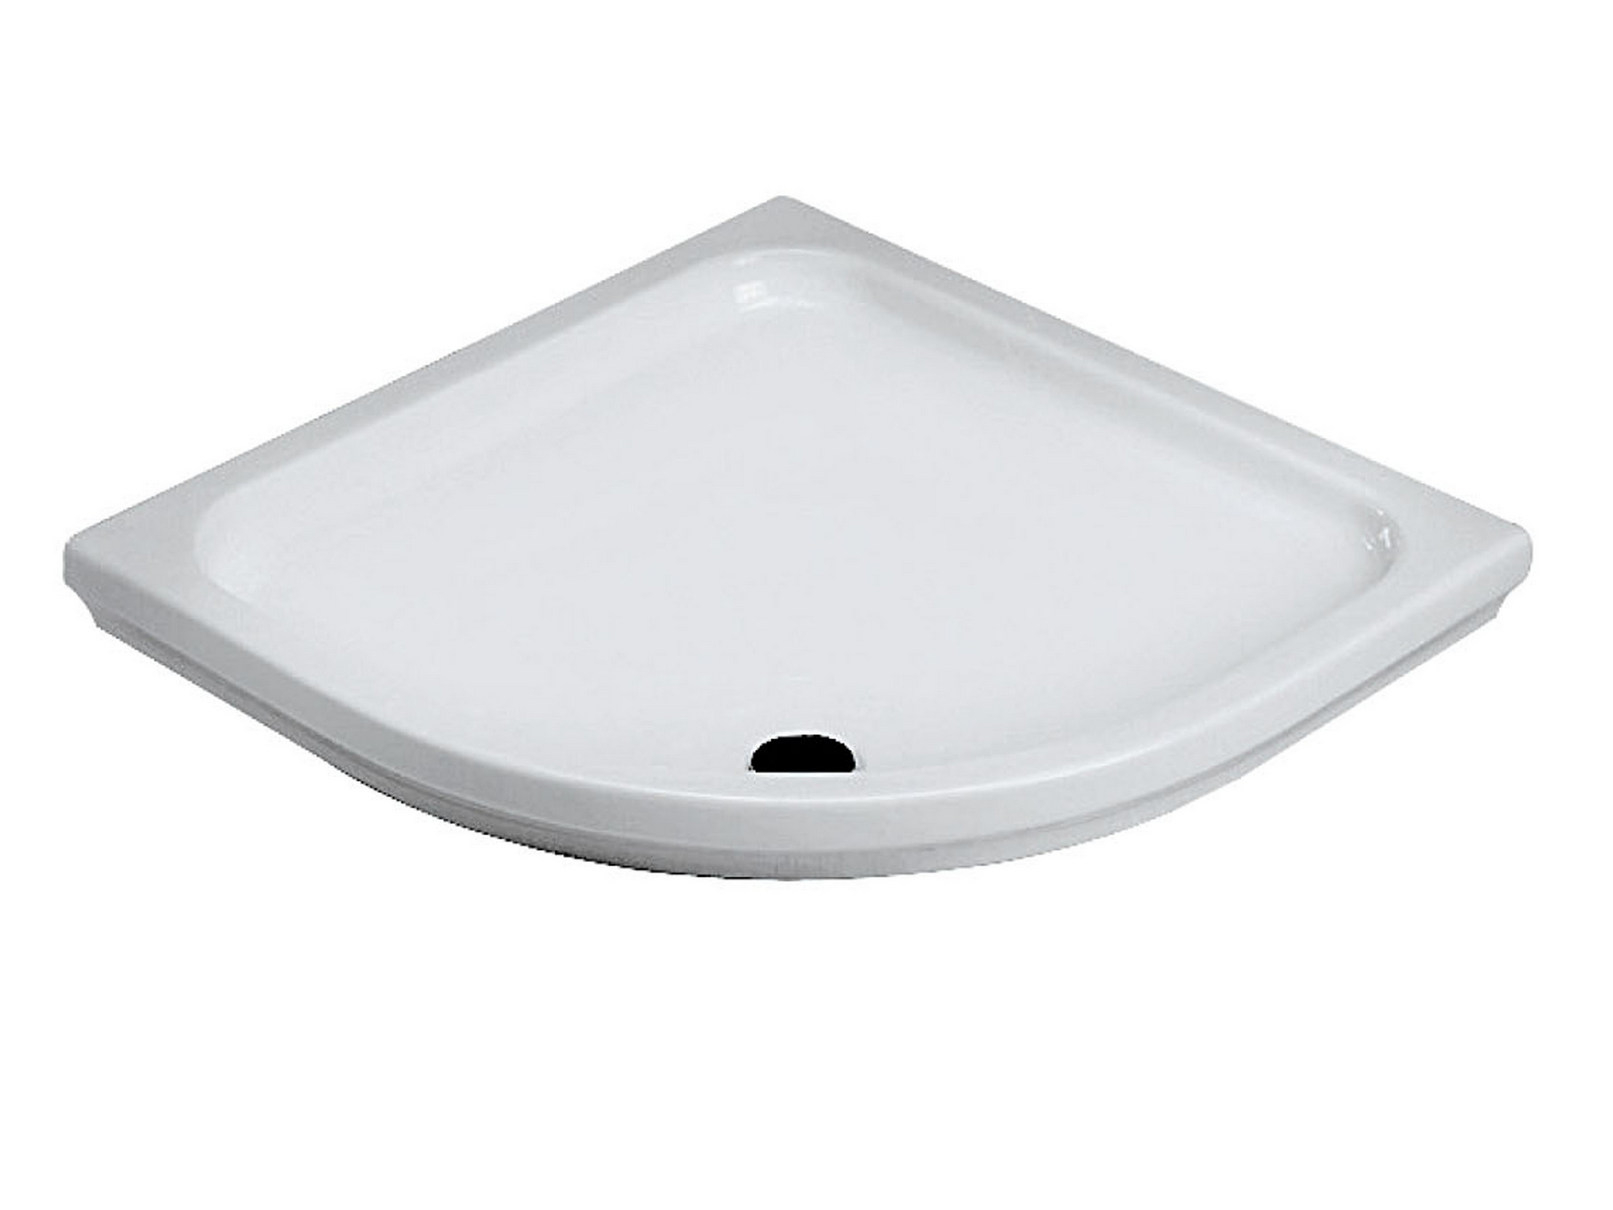 Comino receveur de douche d 39 angle collection comino by olympia ceramica - Receveur douche angle ...